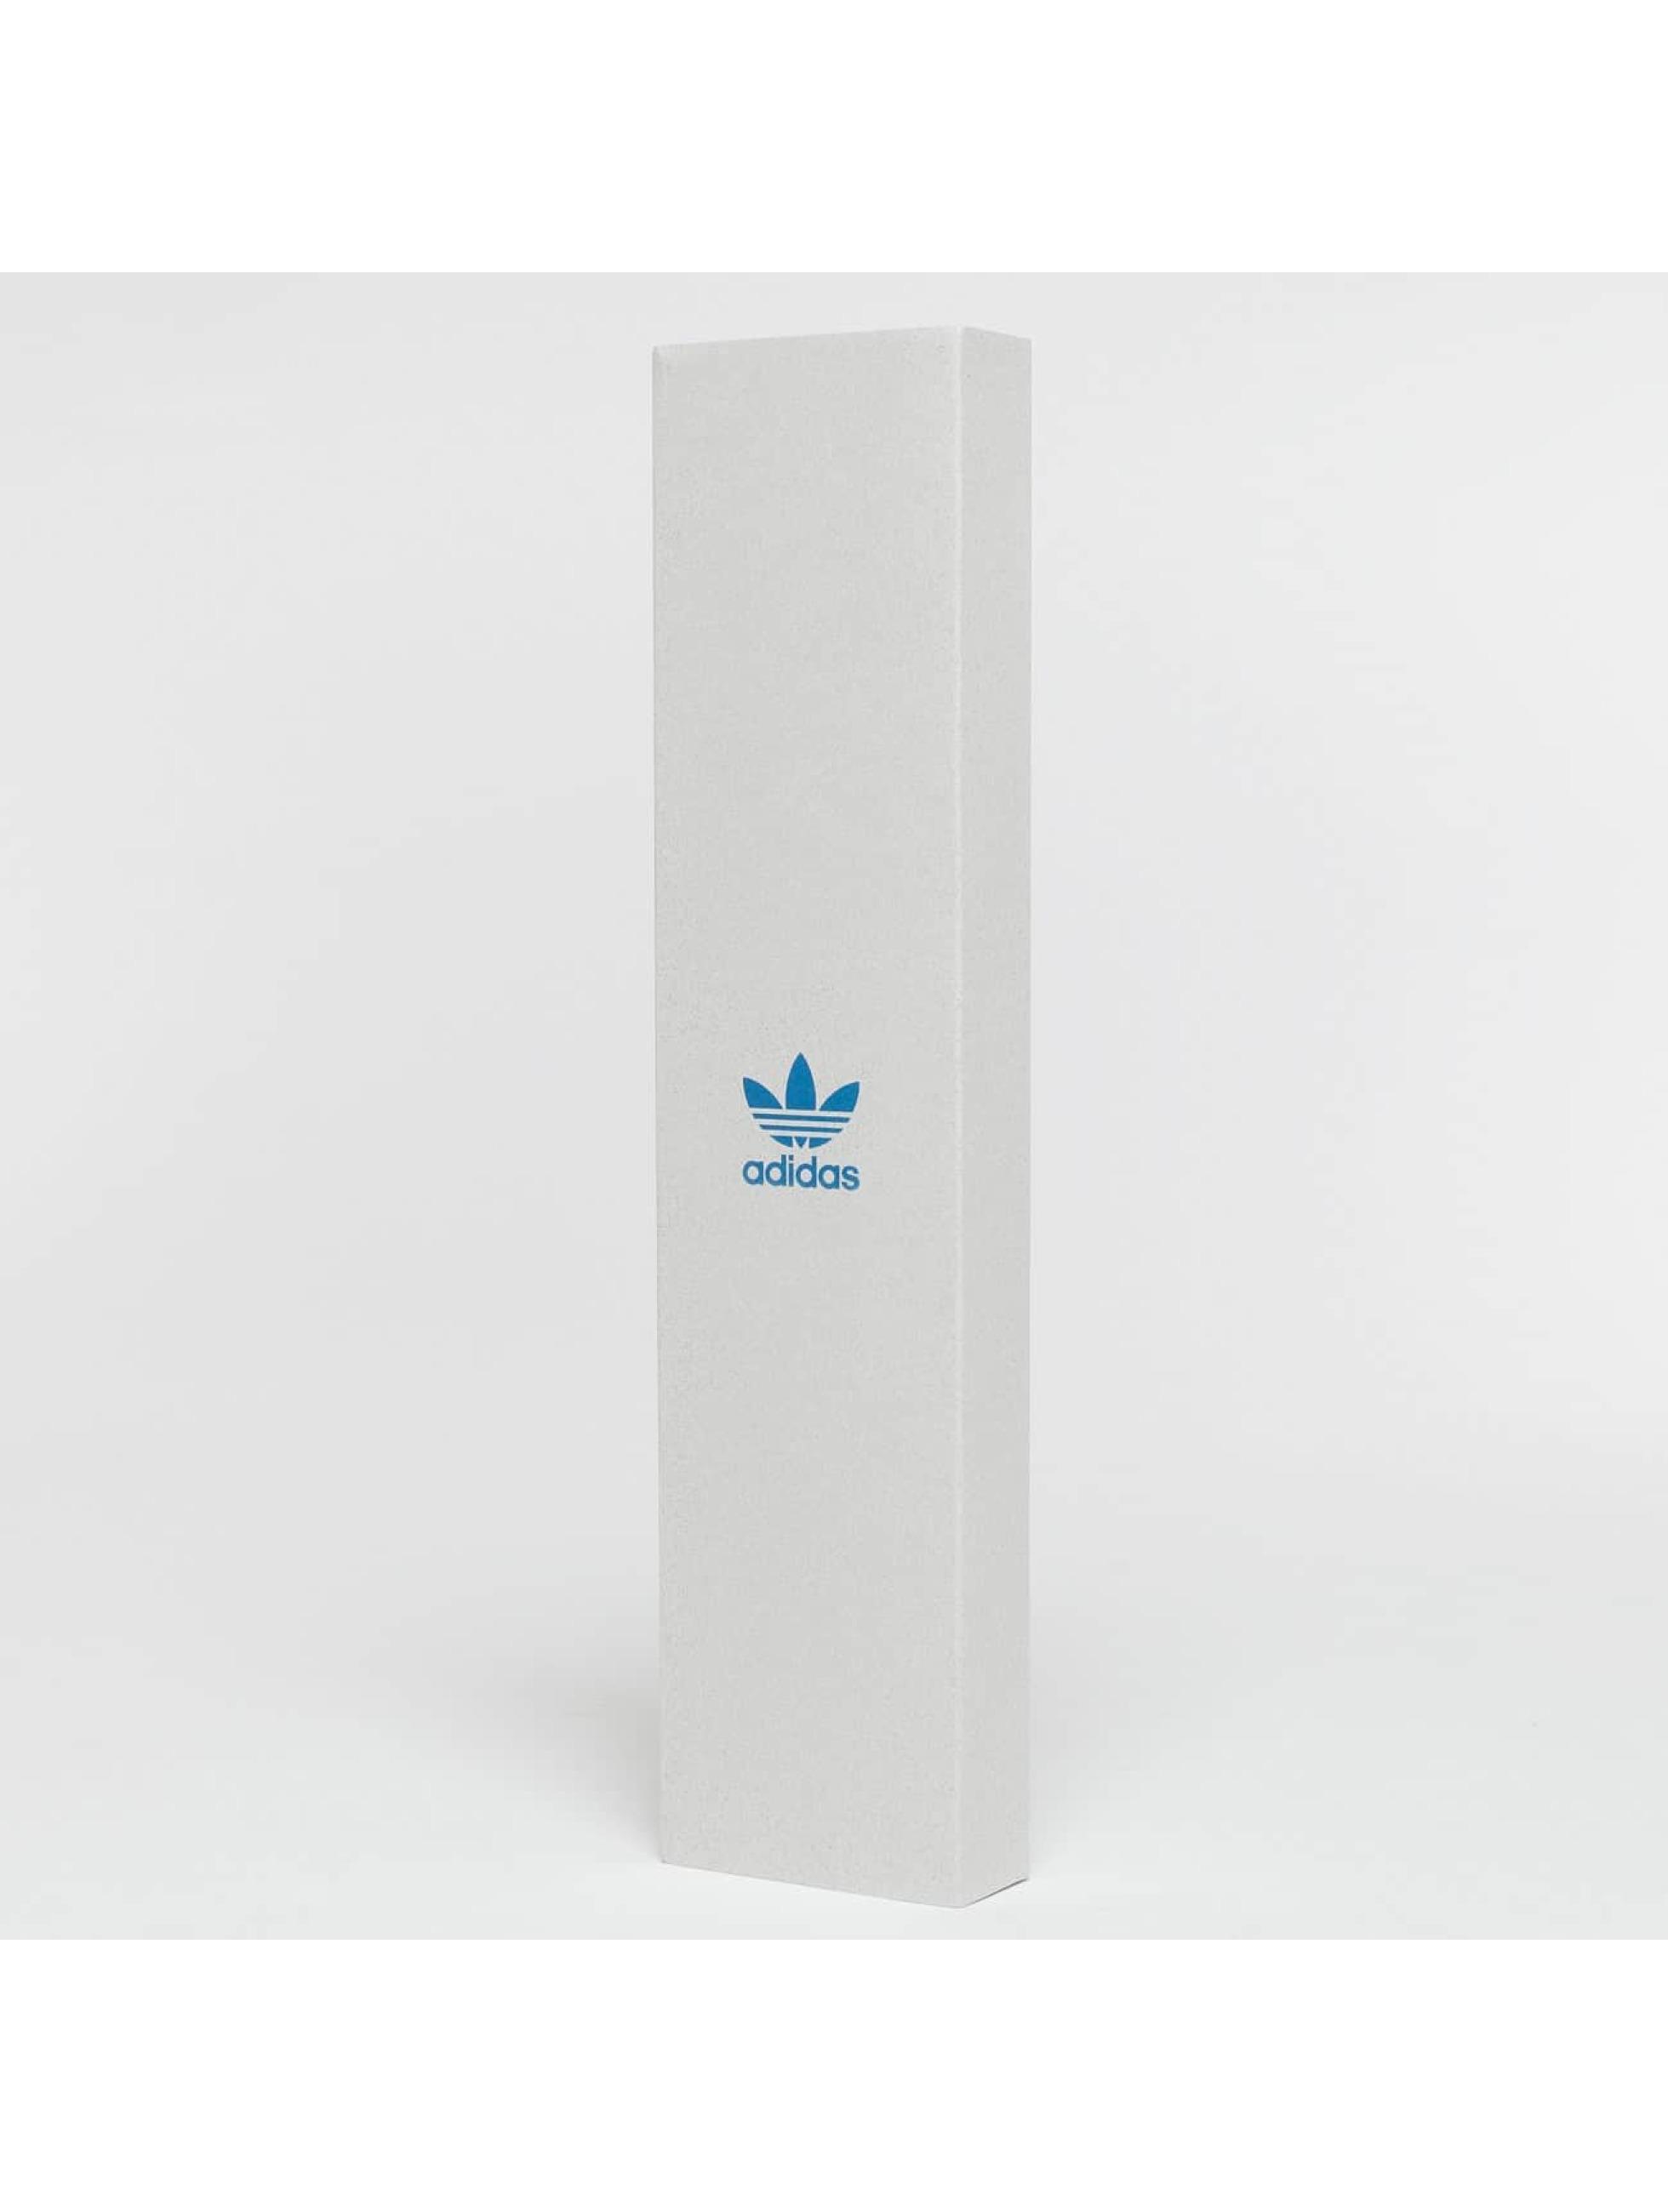 adidas Watches Kellot Process M1 harmaa